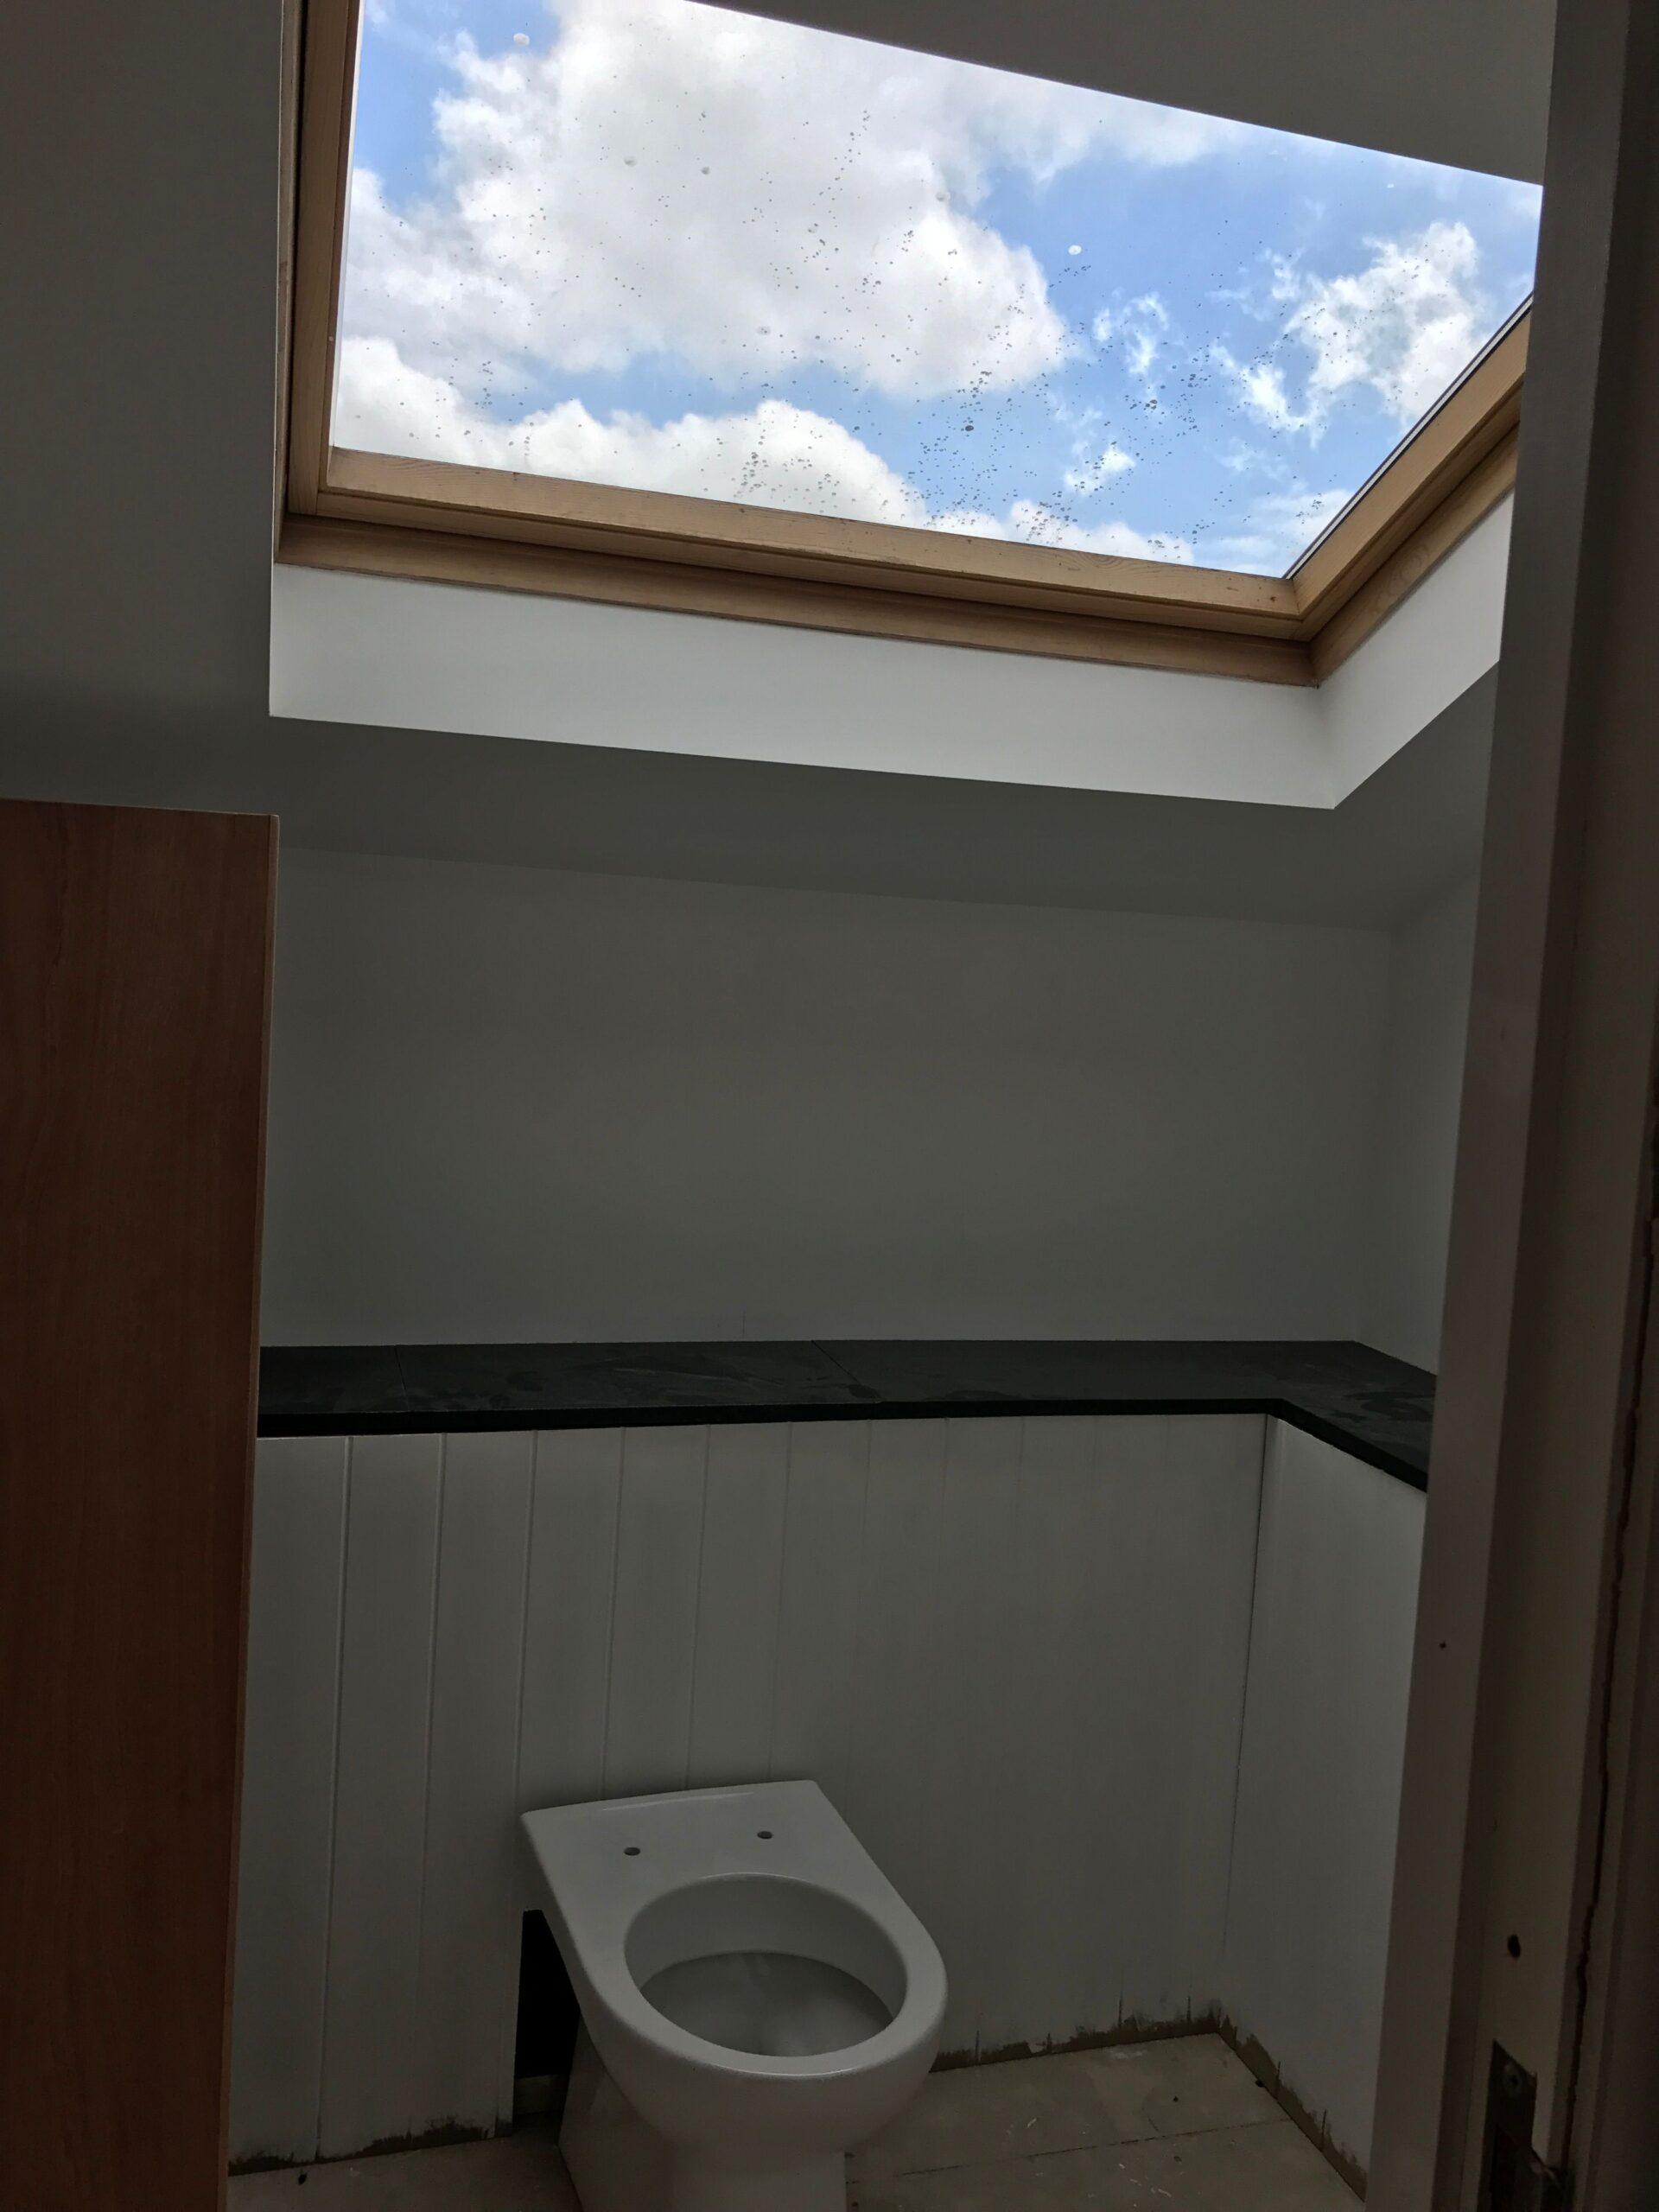 Dunkerry Road Top Floor Toilet Before